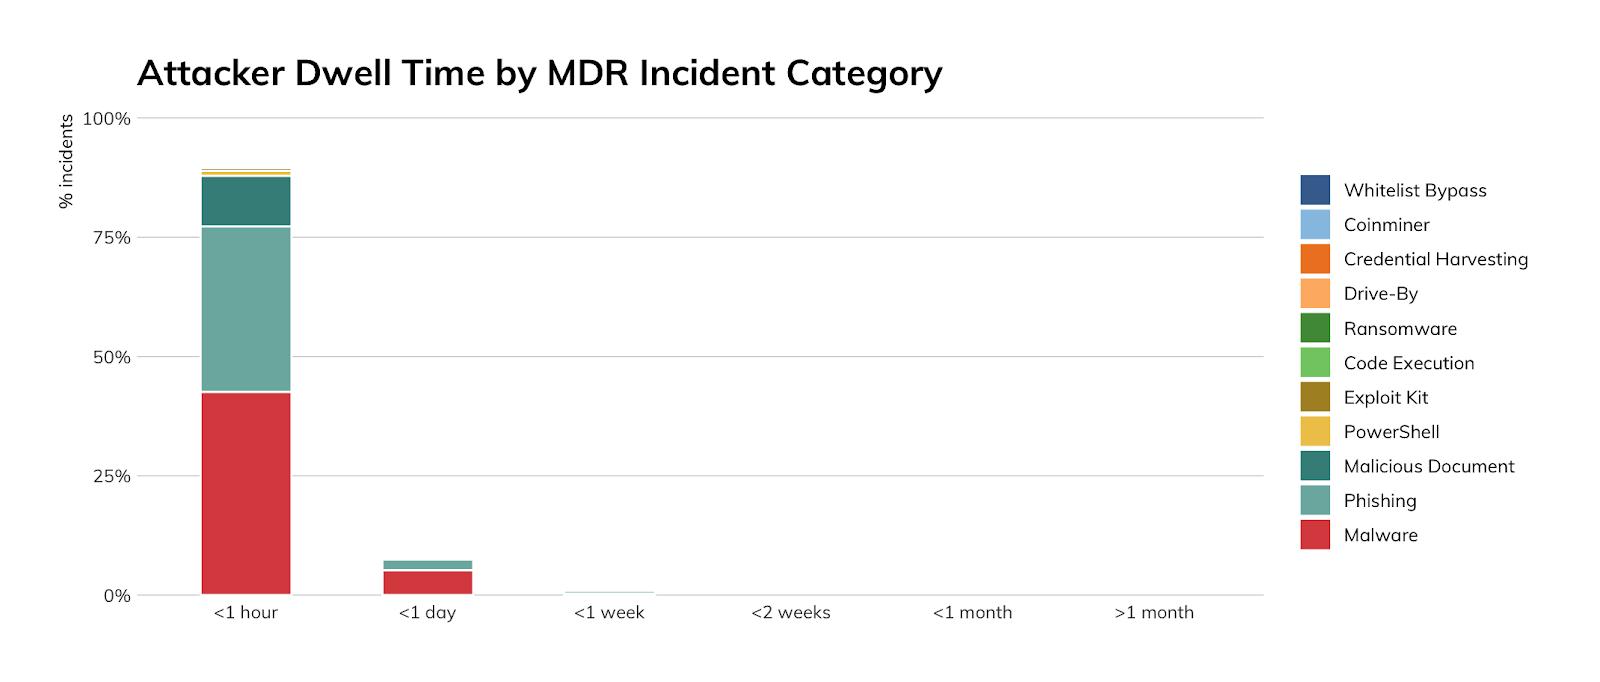 図11: 攻撃者の滞在時間(MDRのインシデントカテゴリ別)